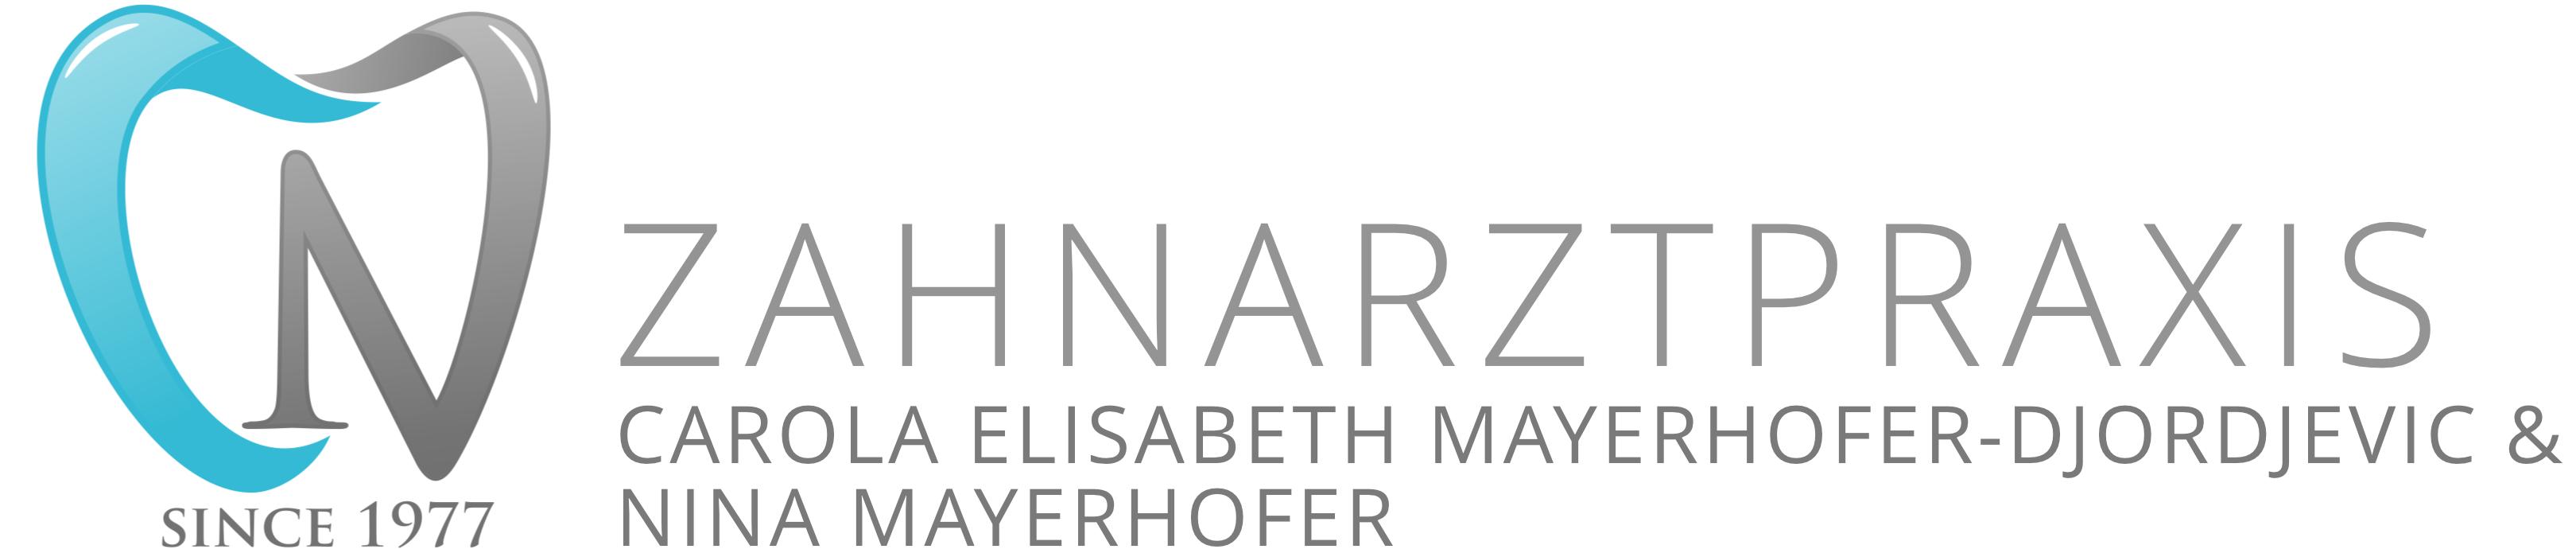 Zahnarztpraxis Carola Elisabeth Mayerhofer-Djordjevic